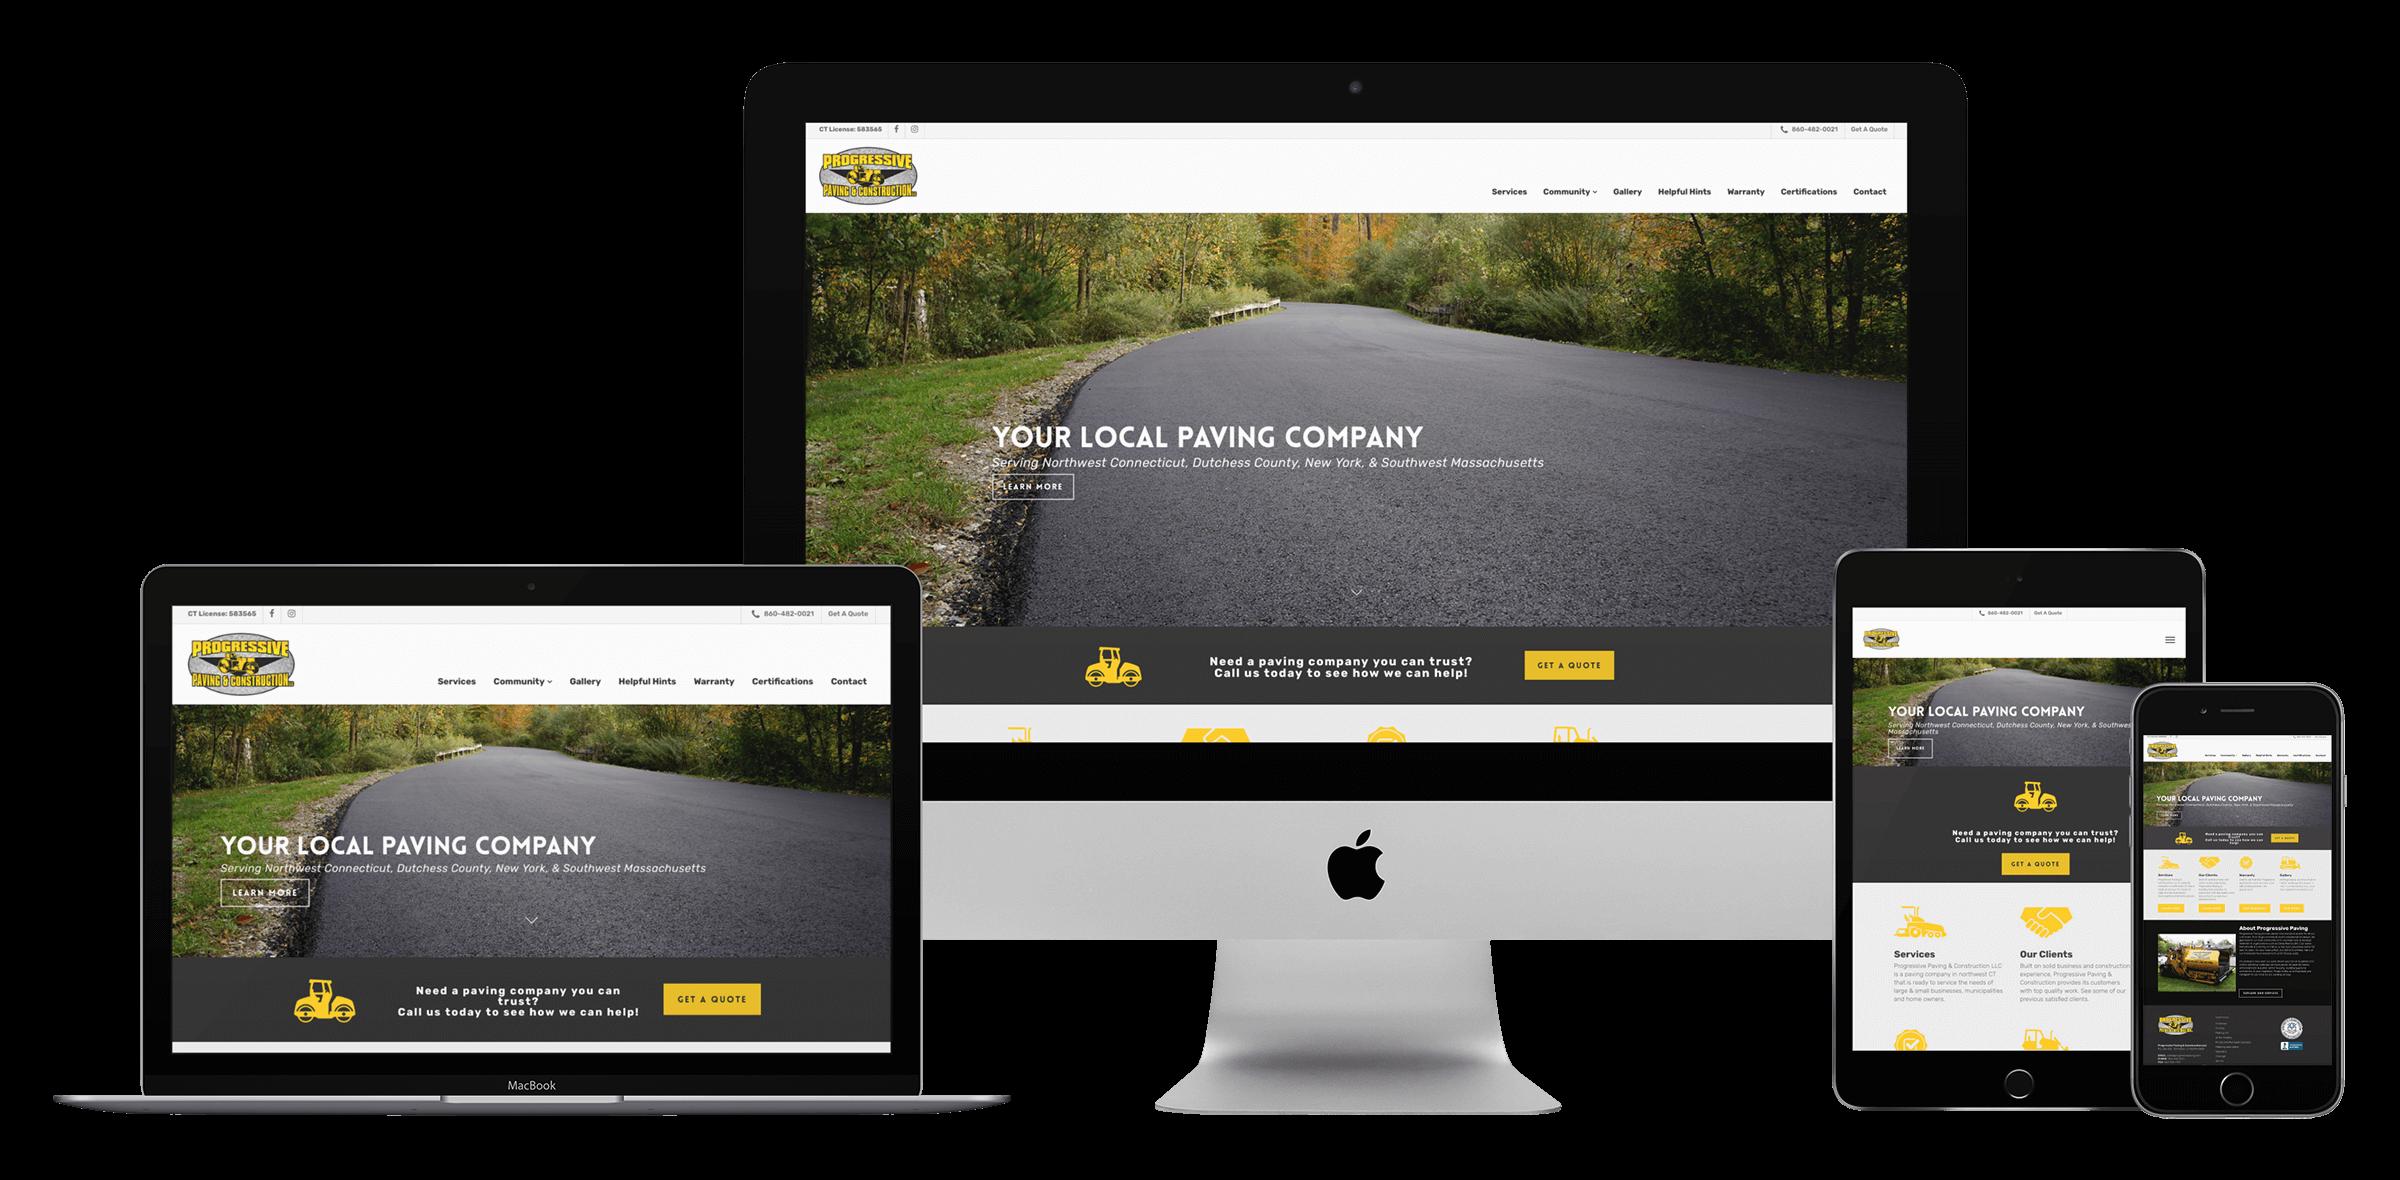 paving company website design